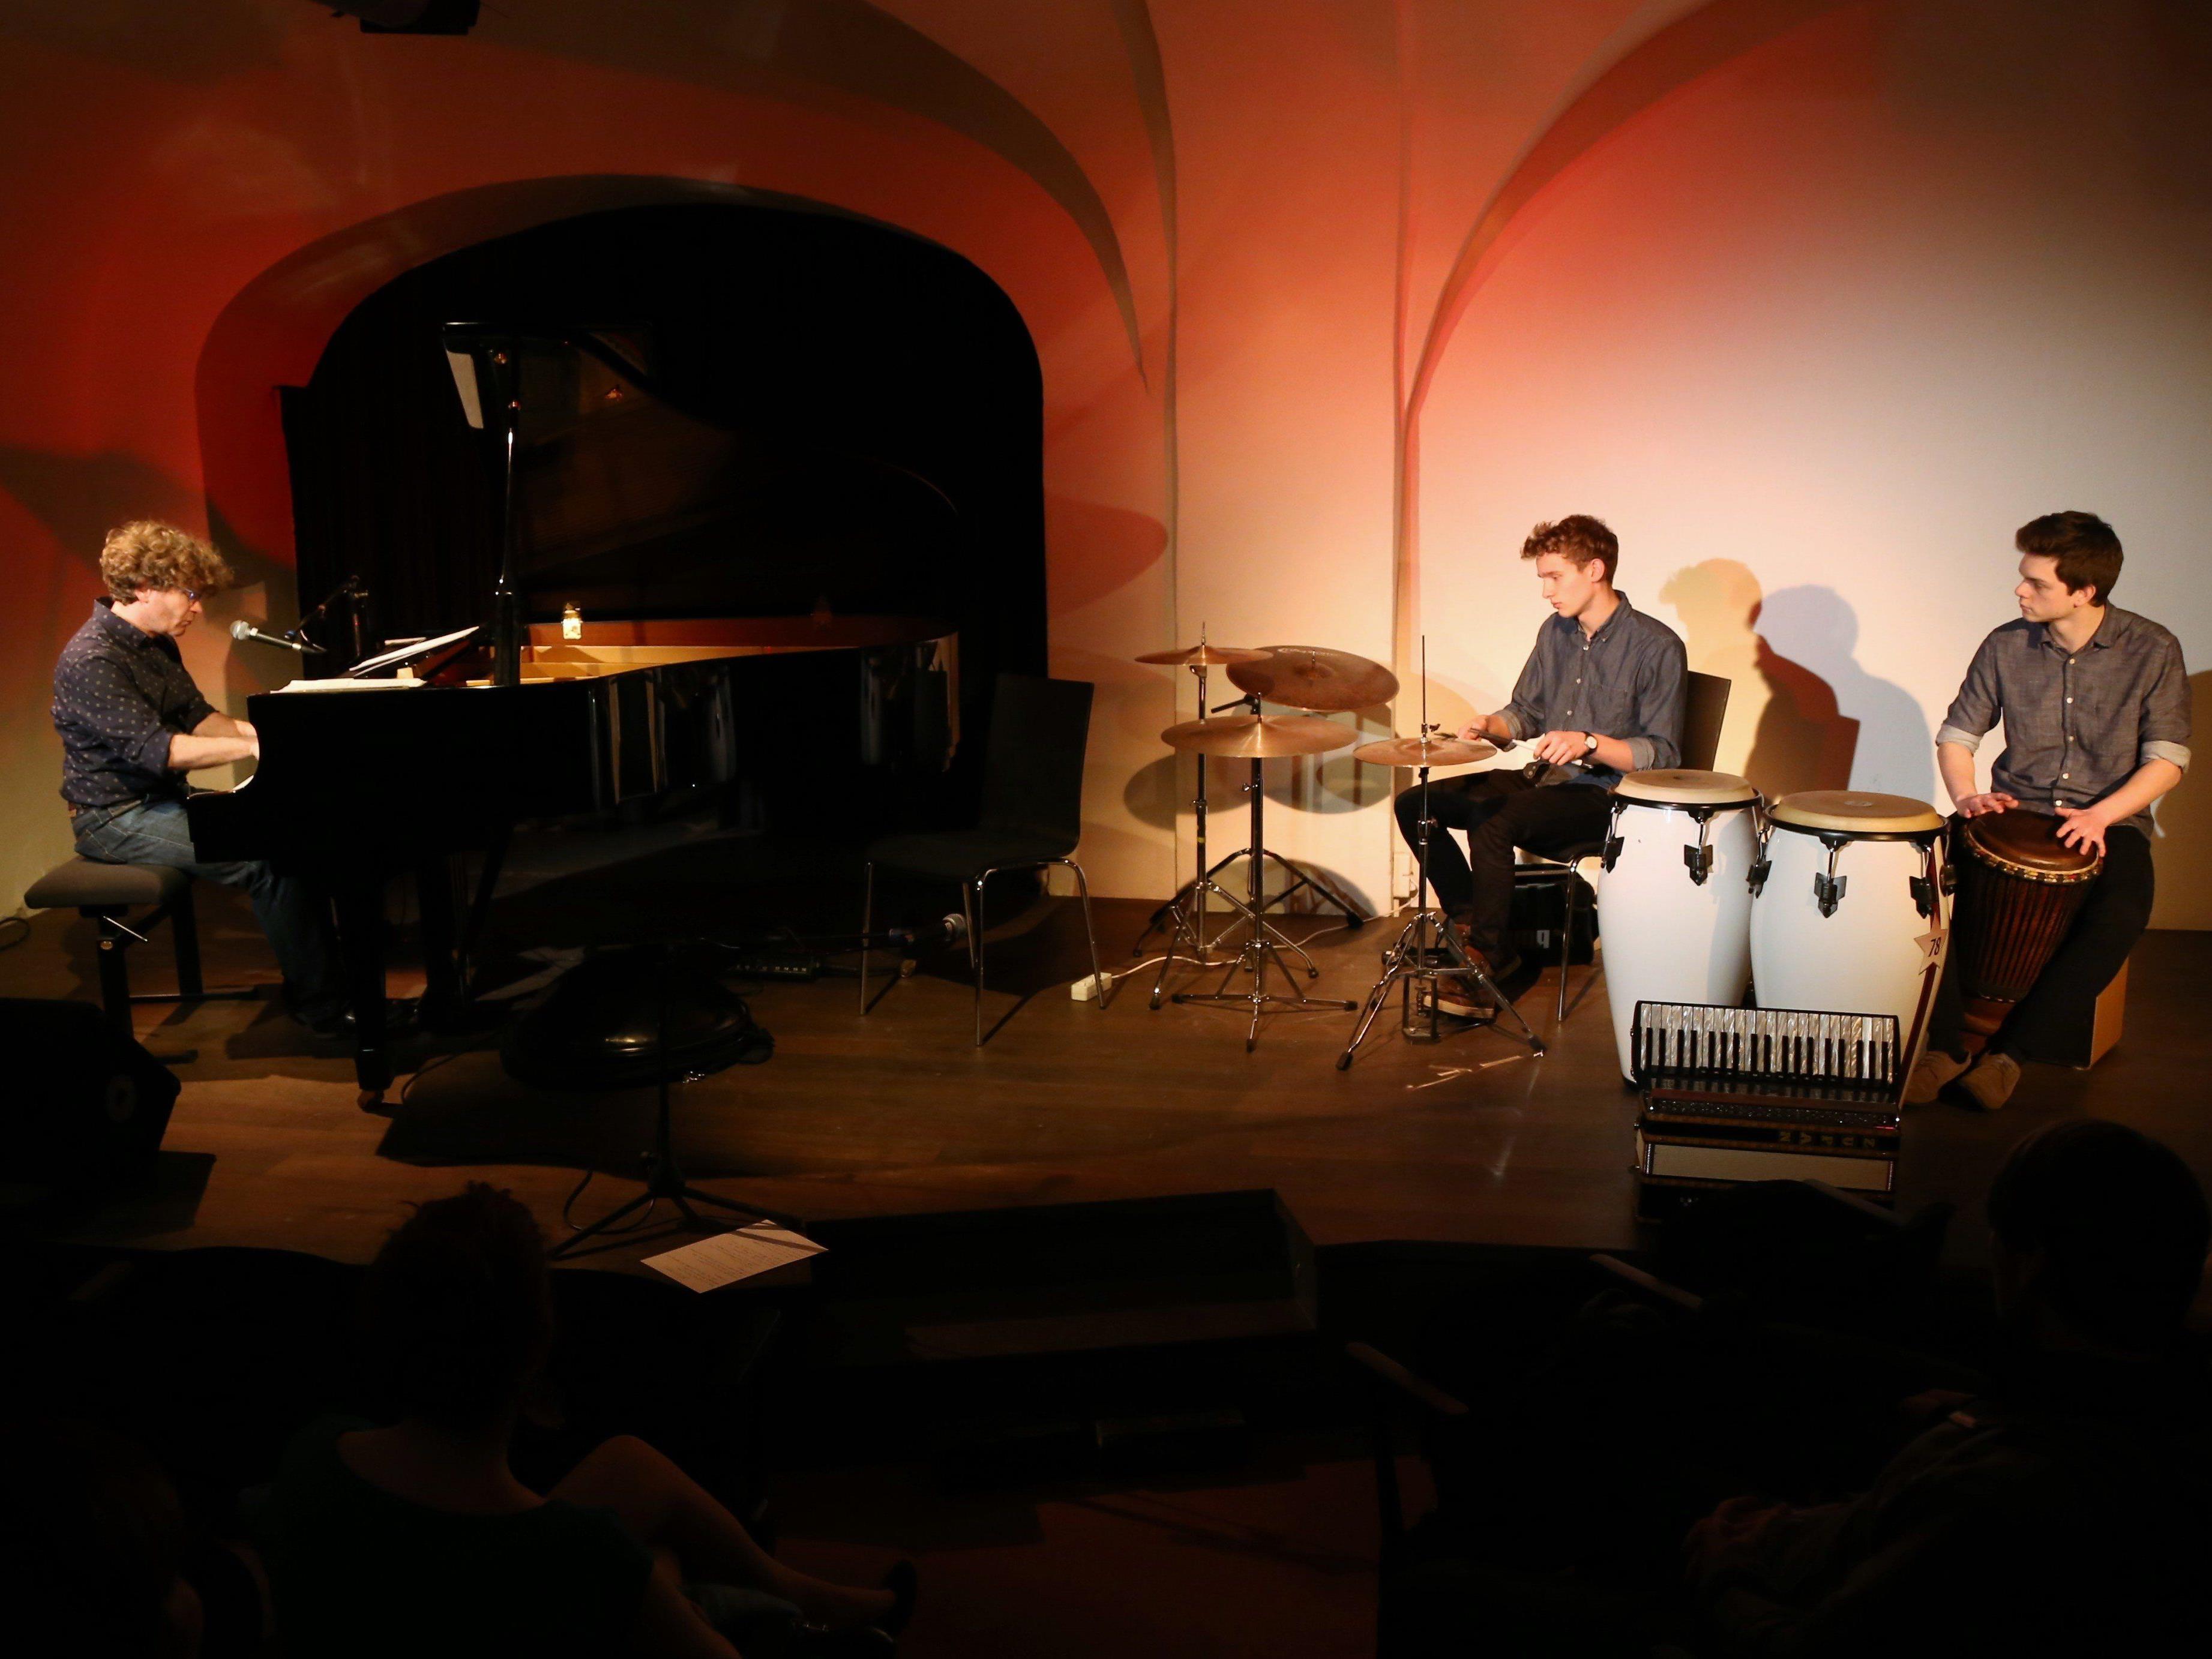 Martin Lindenthal bot ein vielfältiges Musikerlebnis am Saumarkt-Theater.